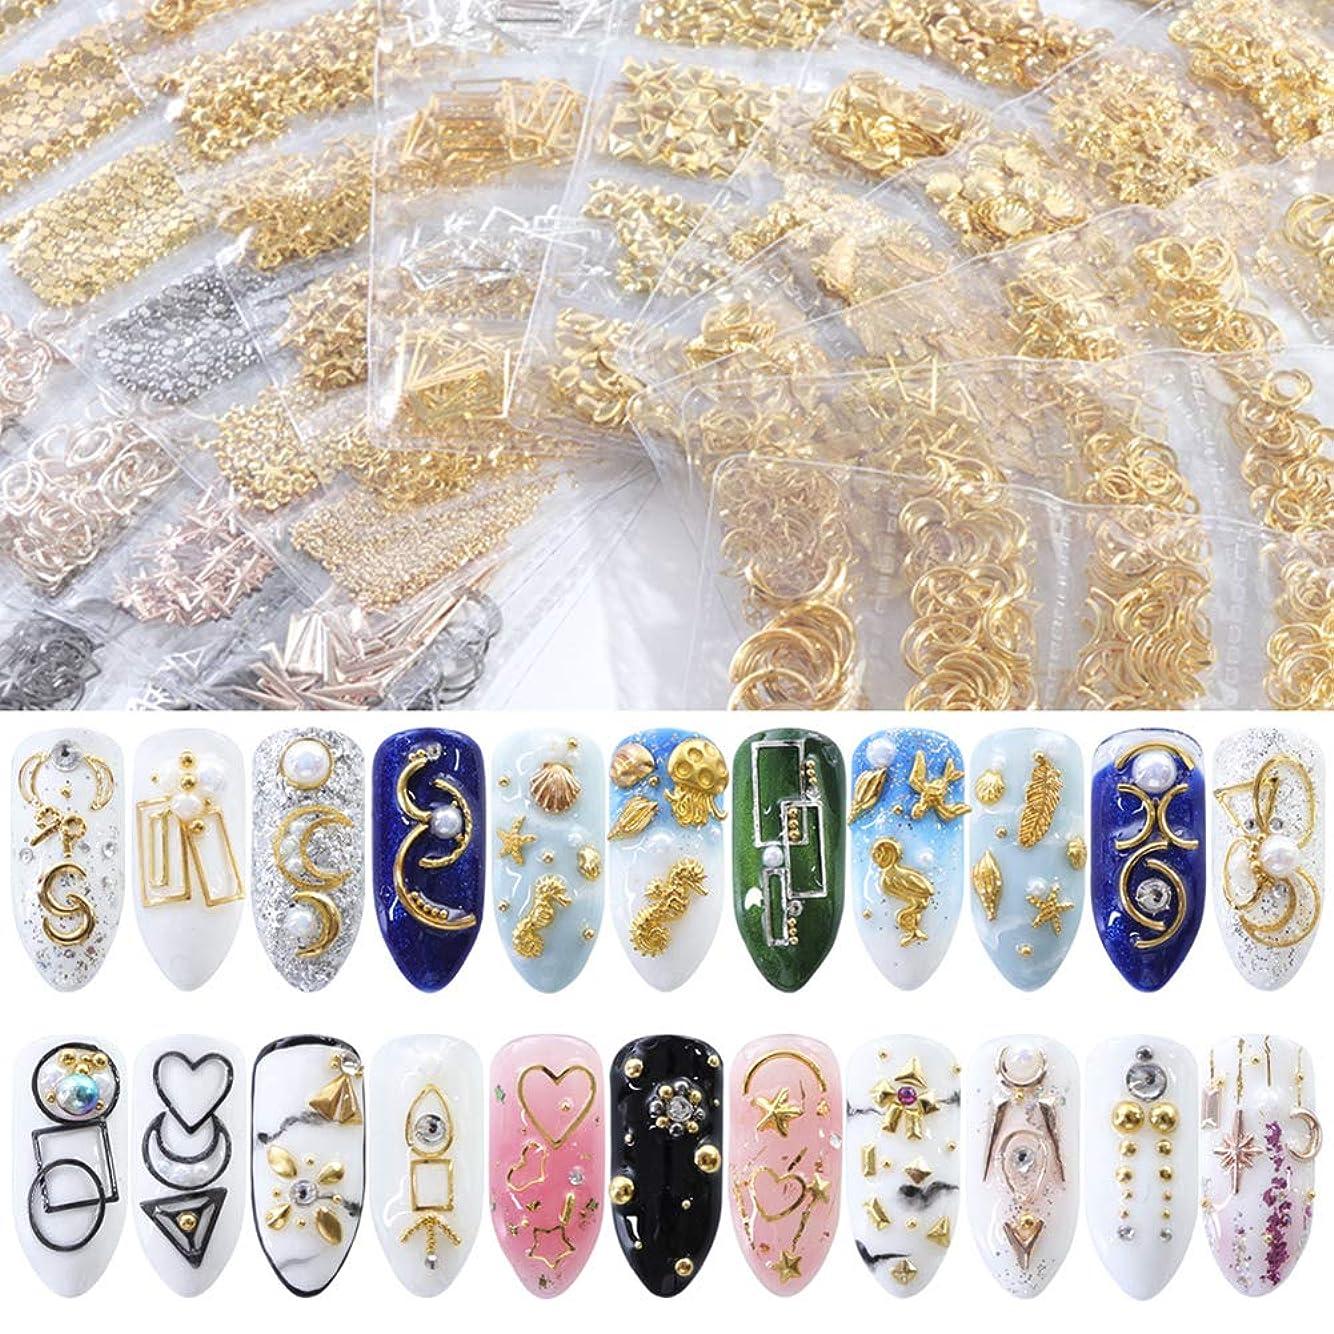 状繕うコメントHuangHM 48種類 ミックス DIY 3Dメタルスタッズ ゴールド シルバー セリフネイルアートデコレーションパーツ 可愛いプレゼント クリスマスアクセサリー 彼女 マニキュアデザインセット